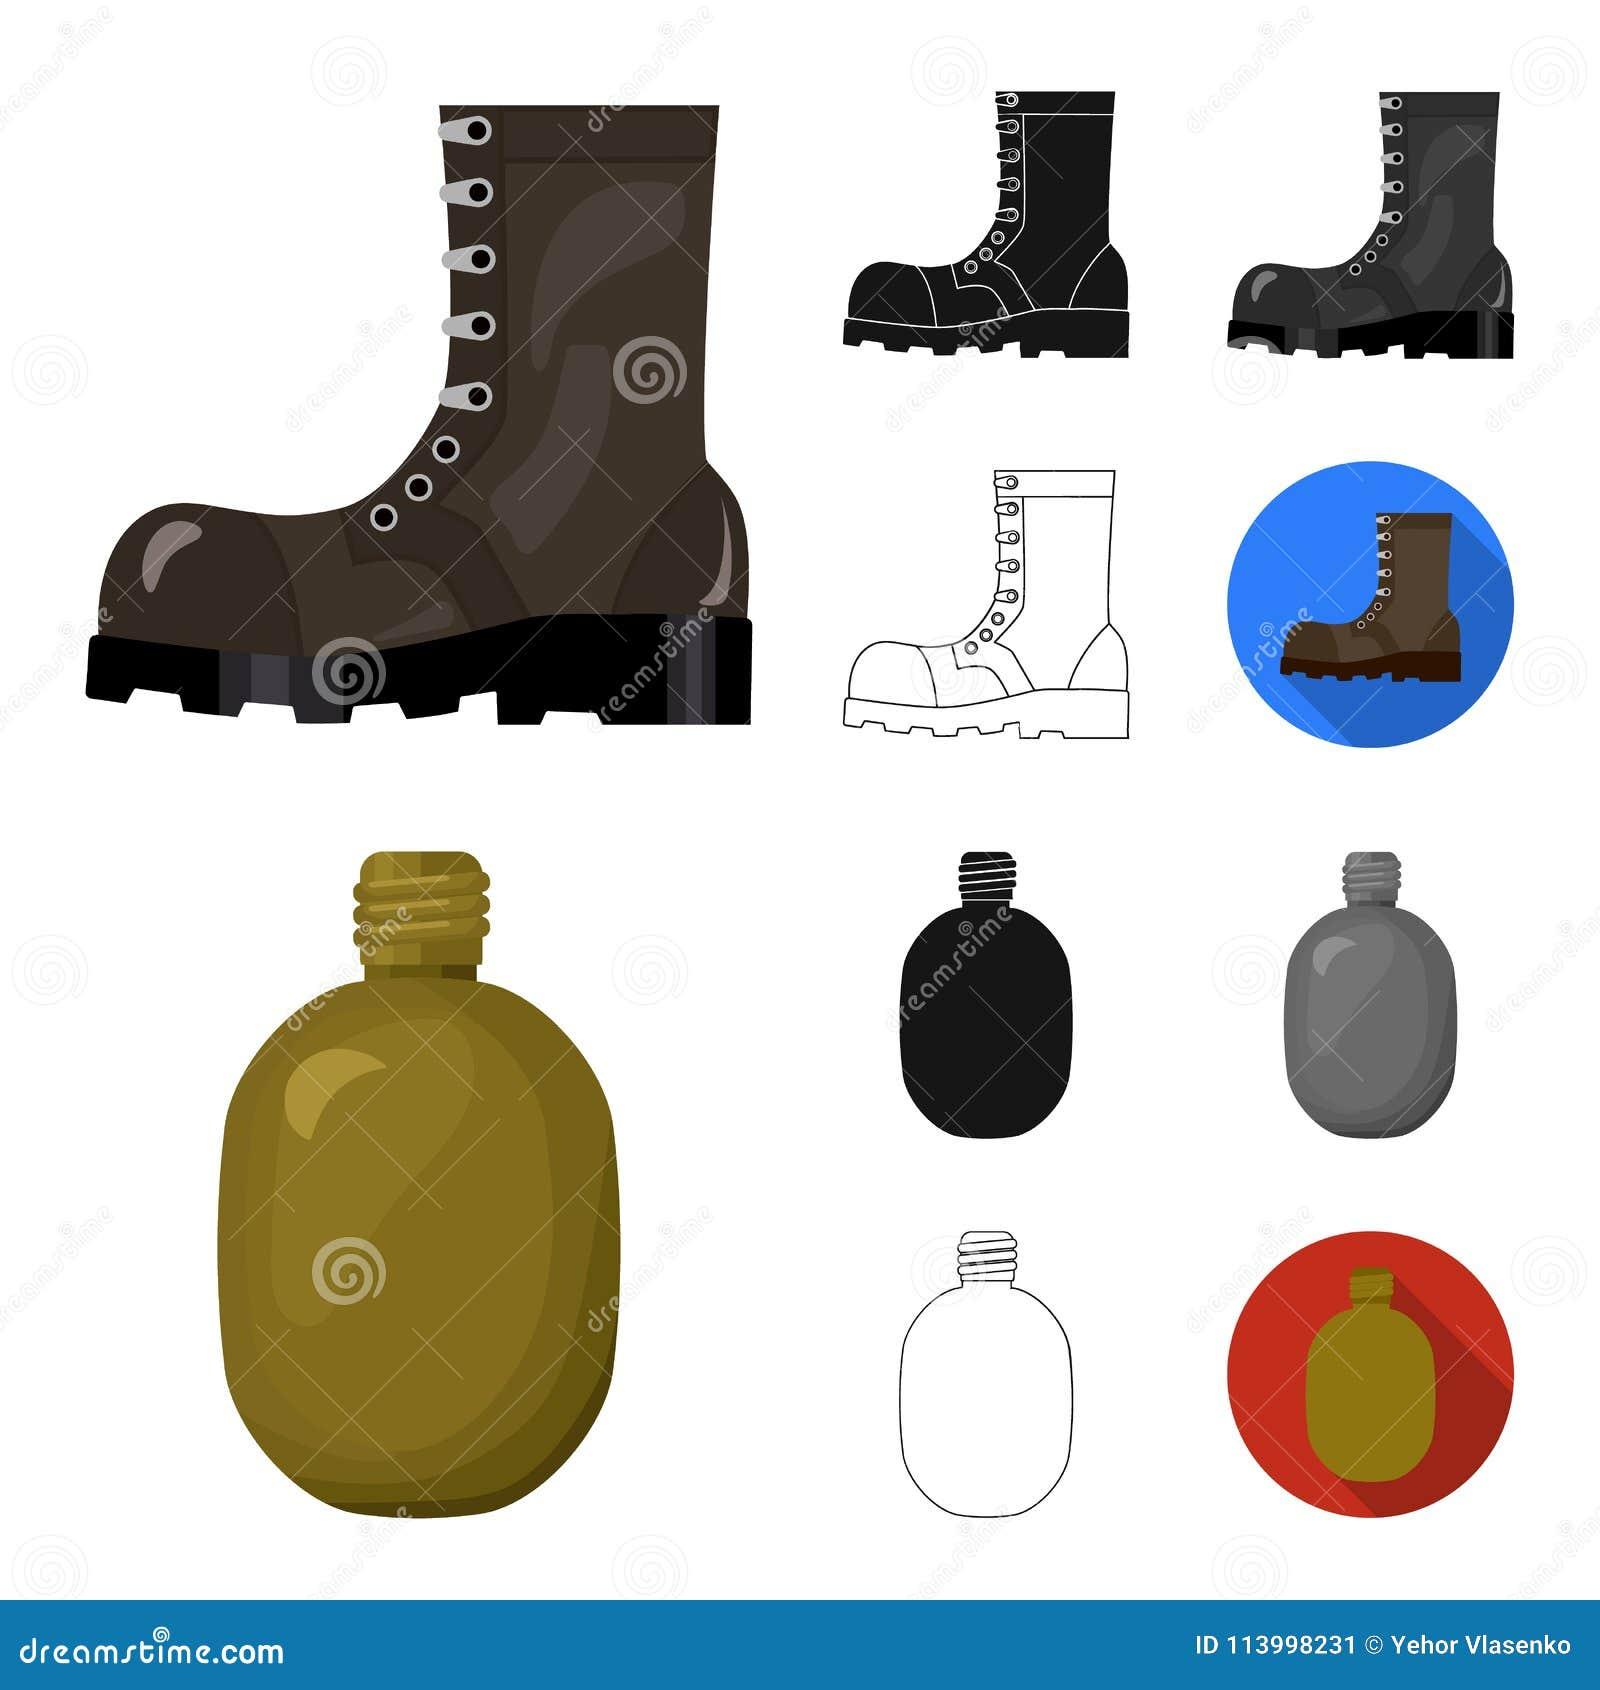 Κινούμενα σχέδια στρατού και εξοπλισμών, ο Μαύρος, επίπεδος, μονοχρωματικός, εικονίδια περιλήψεων στην καθορισμένη συλλογή για το